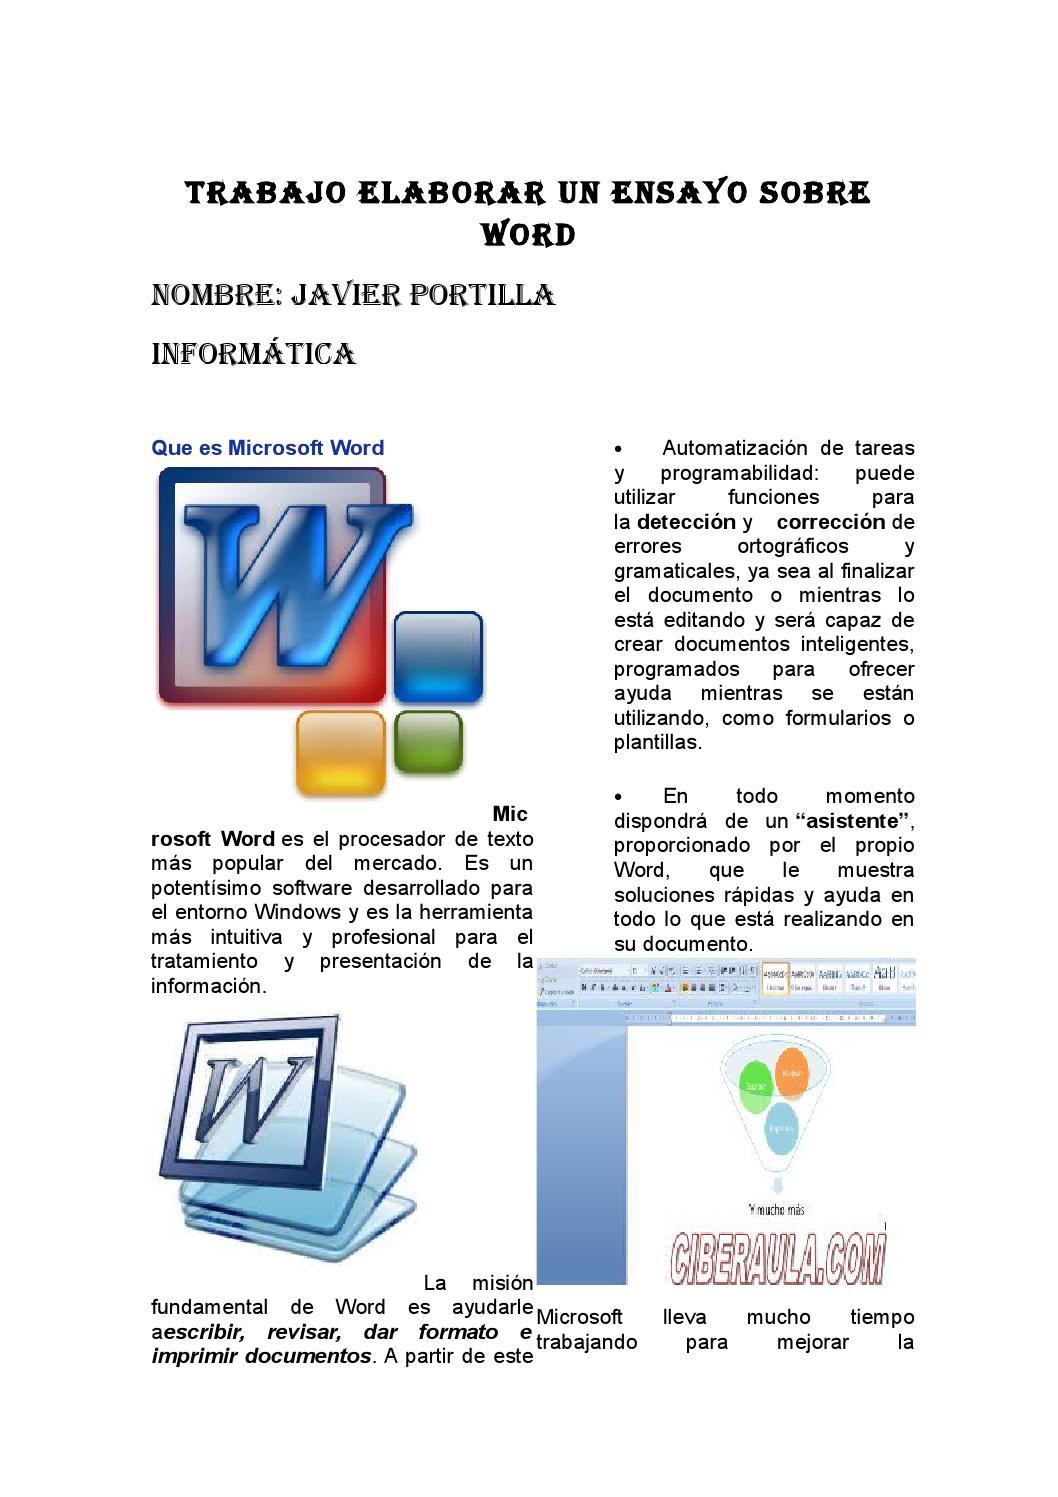 Trabajo elaborar un ensayo sobre word by javier portilla - issuu